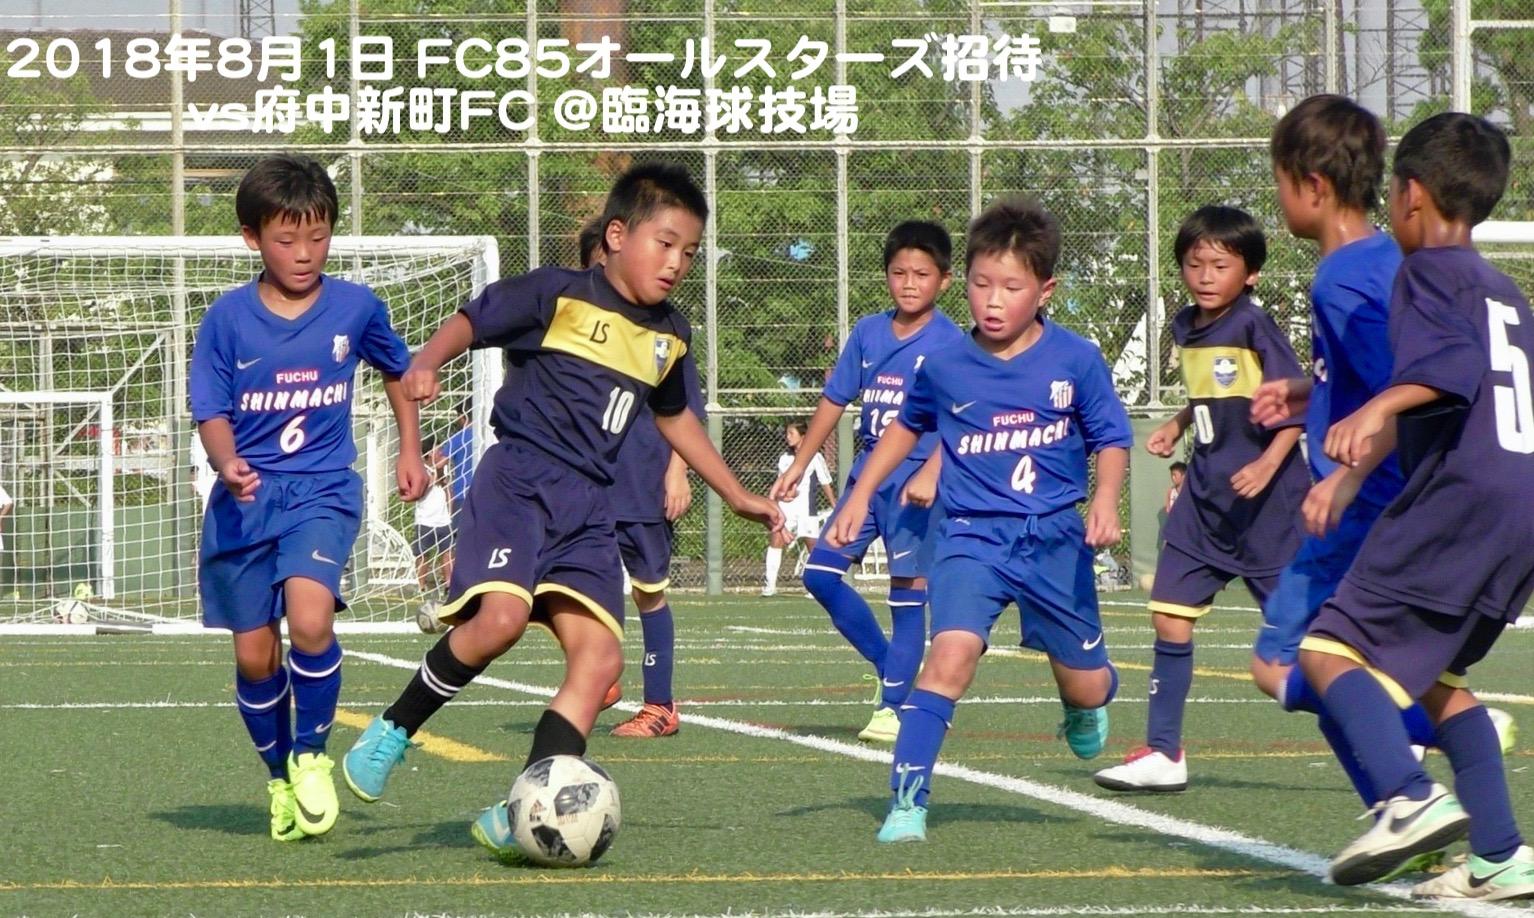 180801 U9 FC85招待府中新町 2